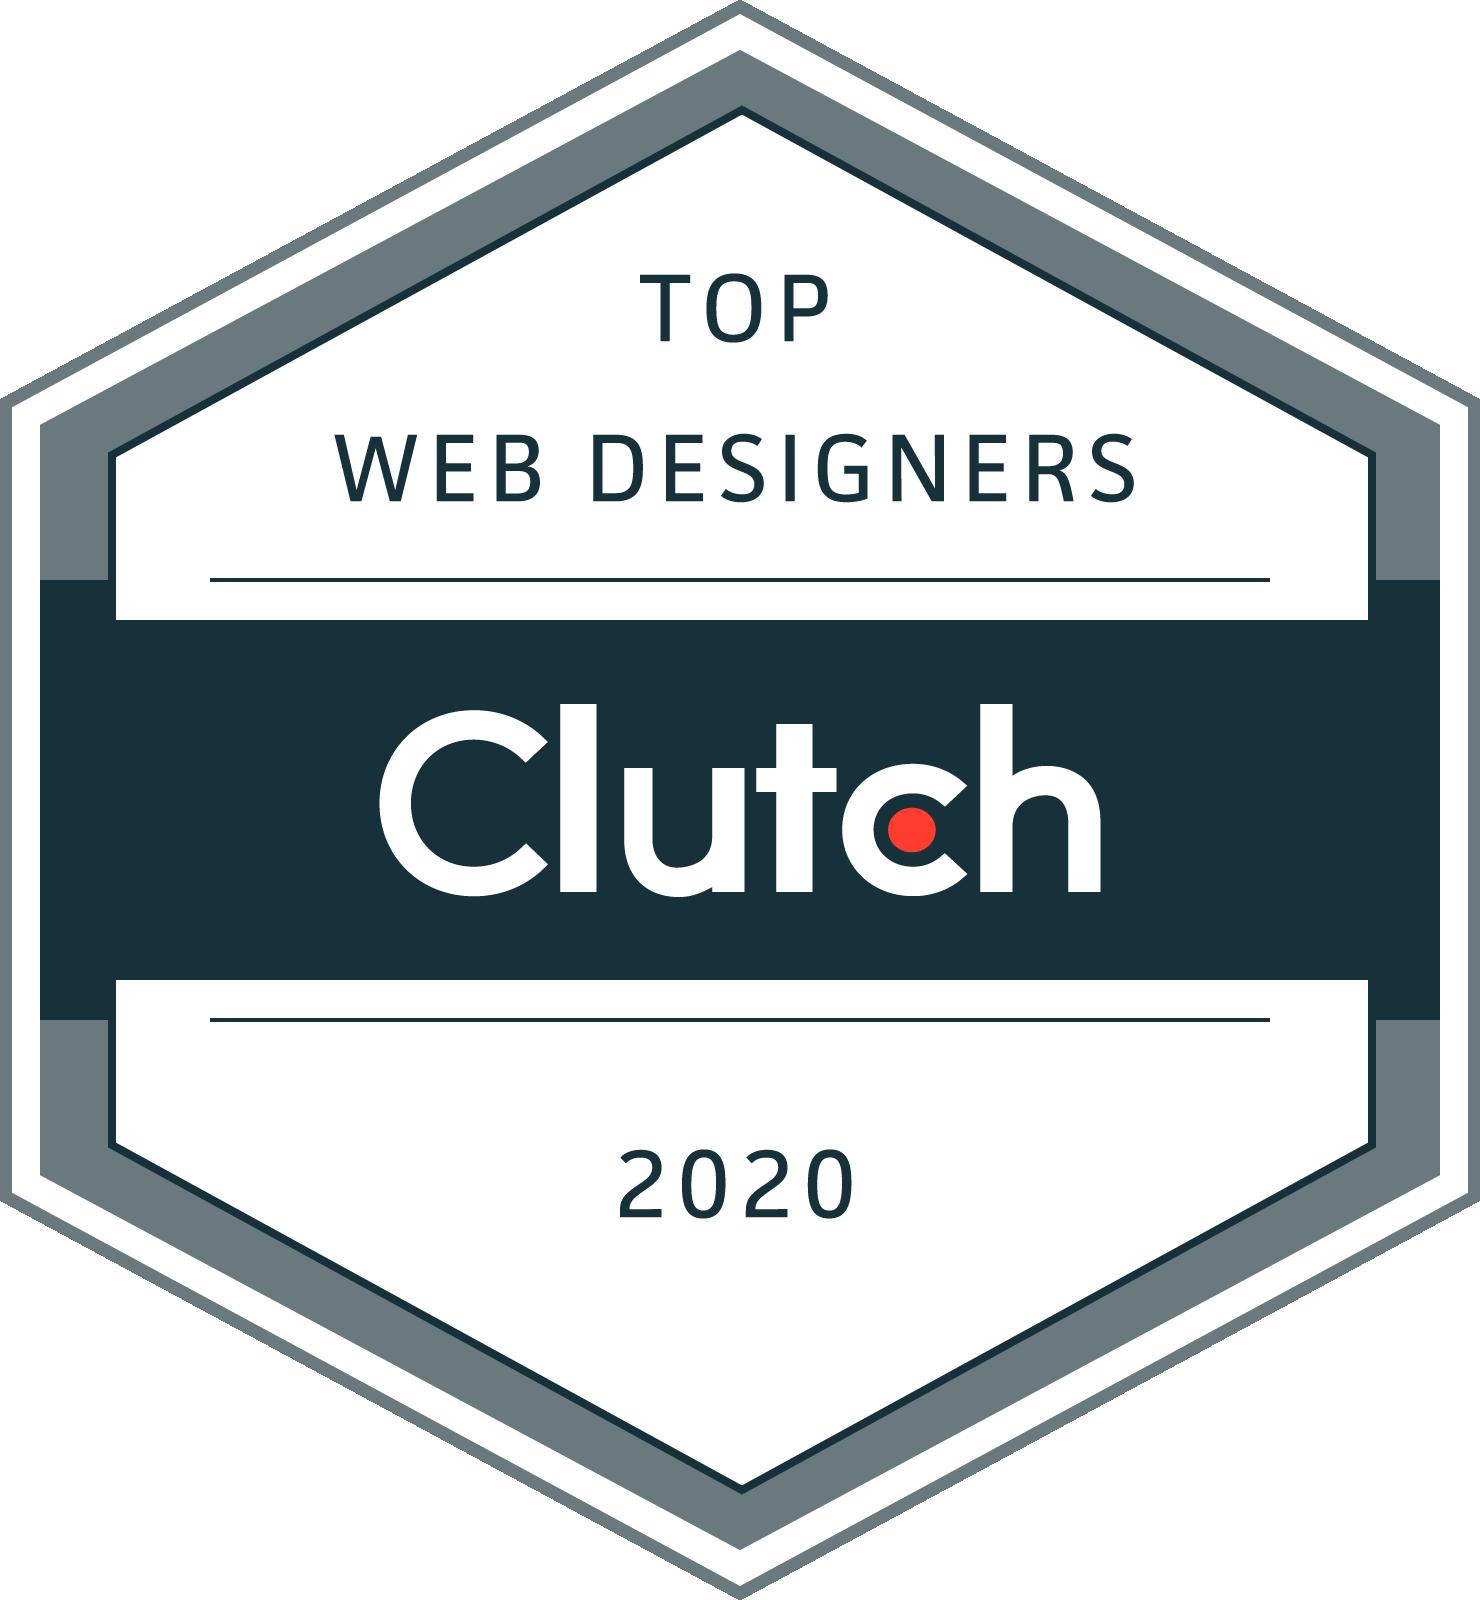 Clutch Top Web Designers